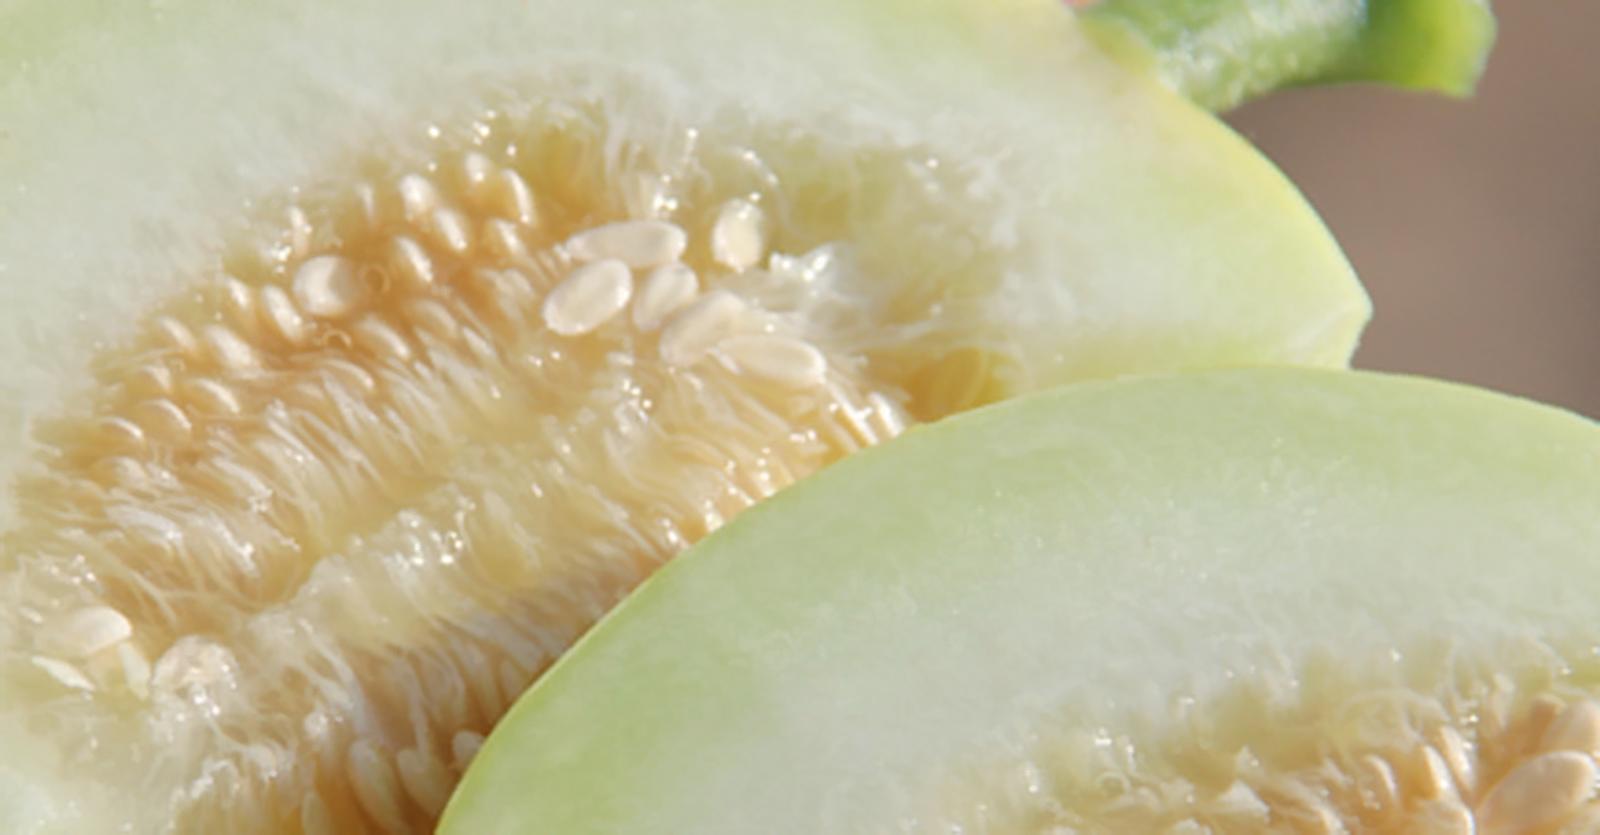 Manfaat Sehat Buah Melon yang Perlu untuk Diketahui